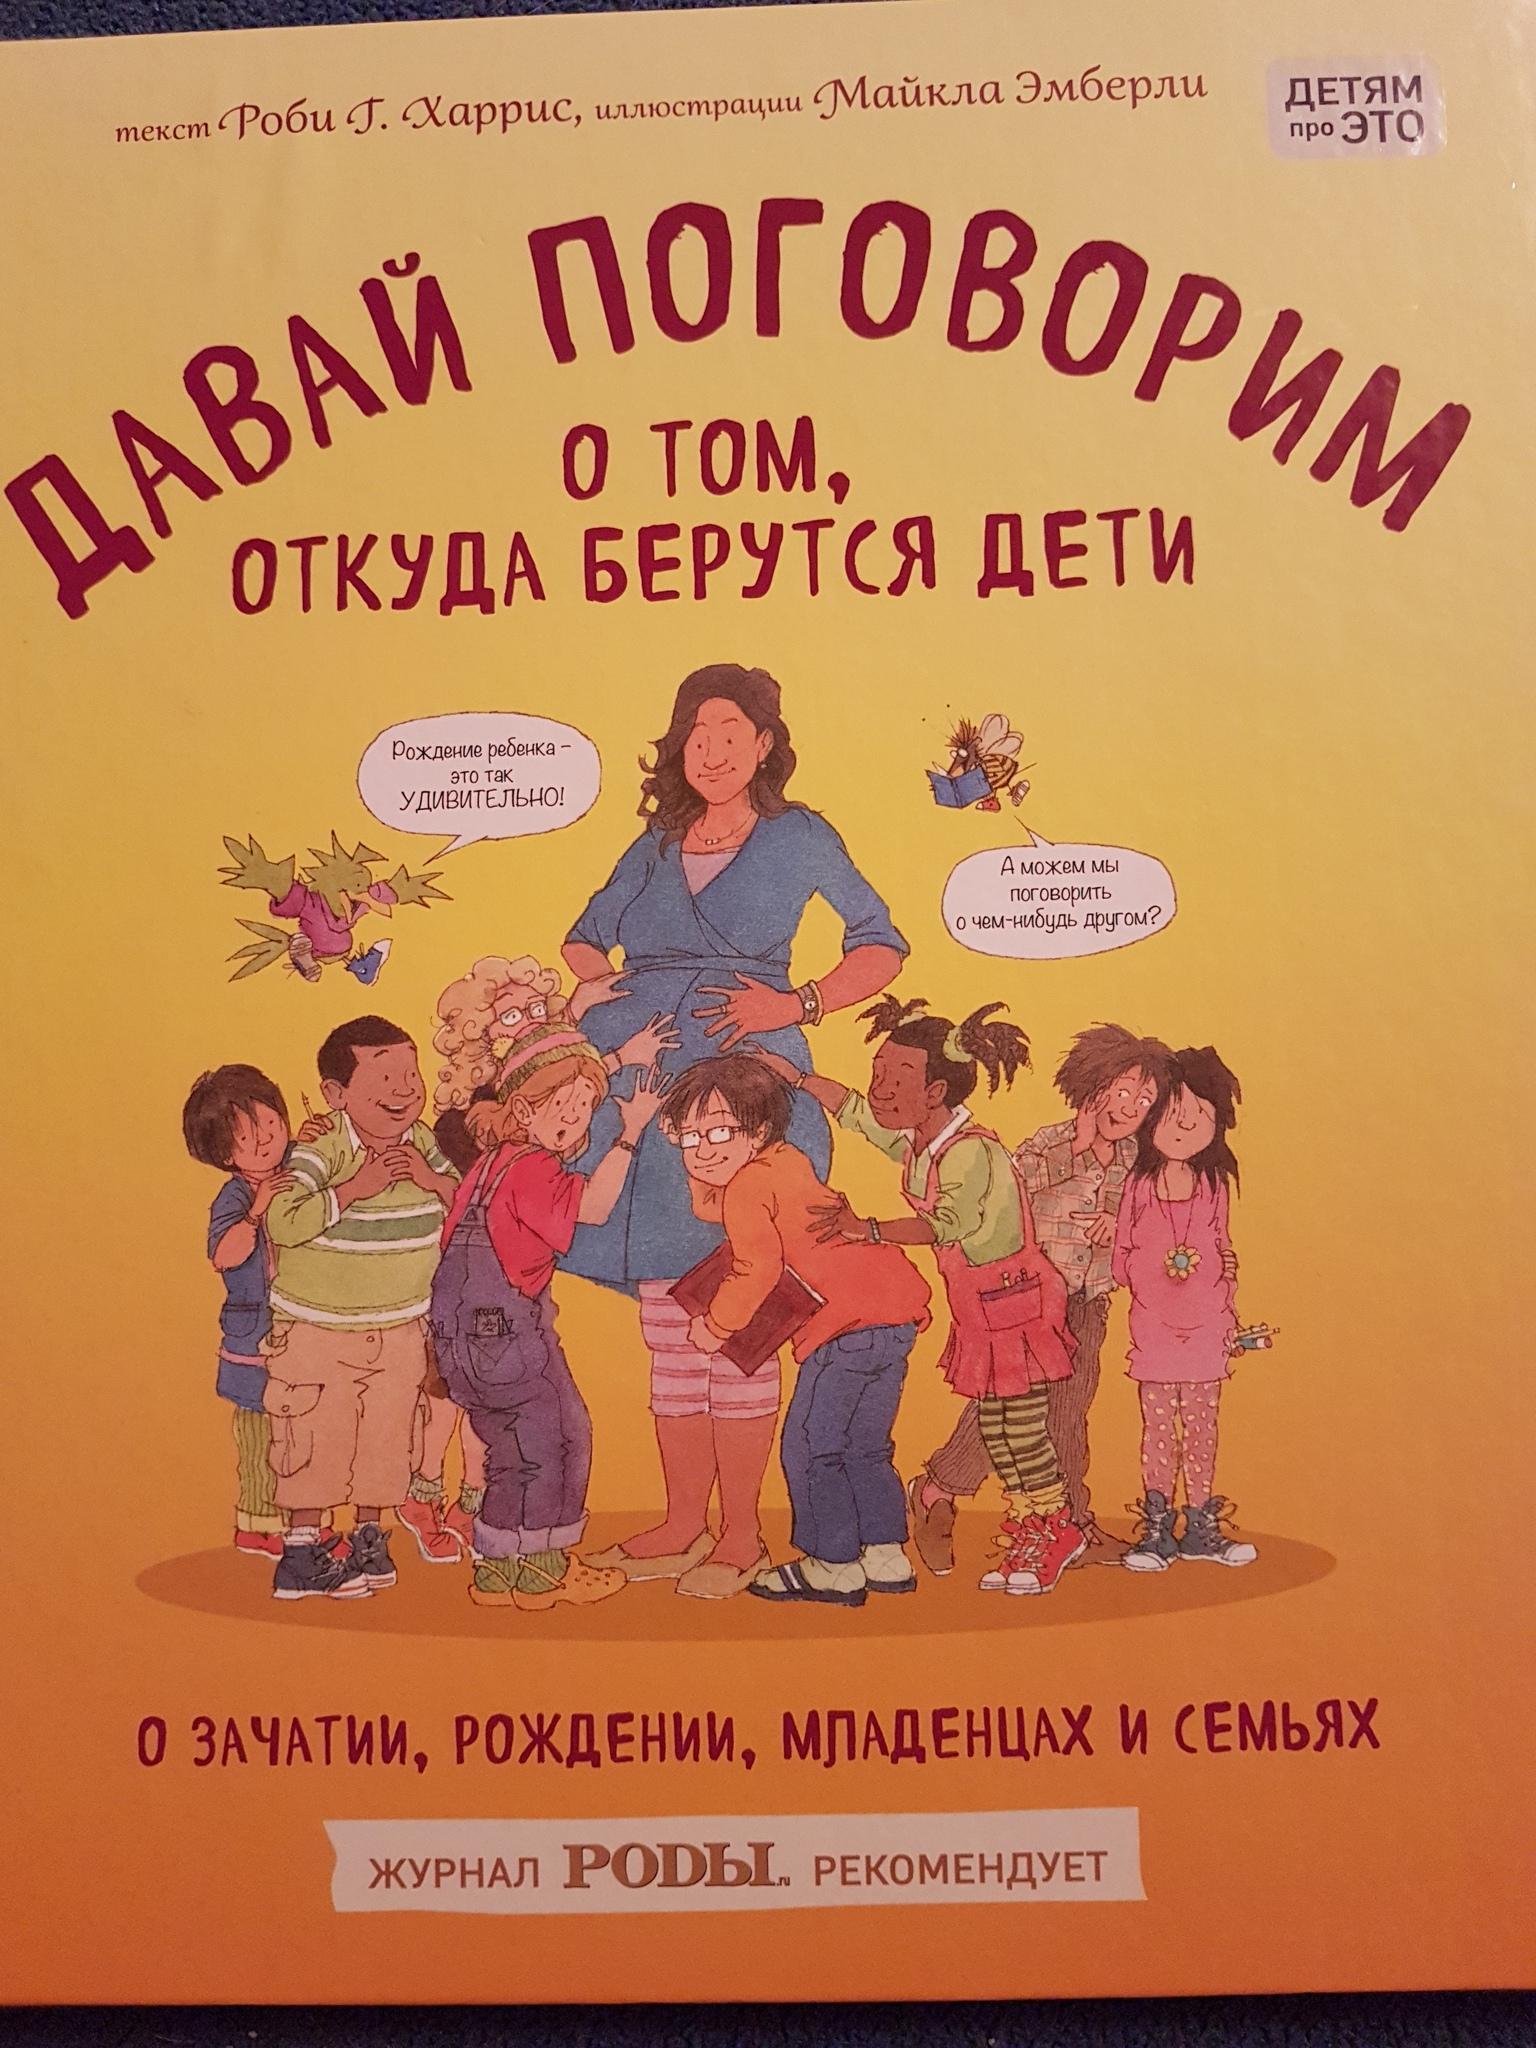 Фото как беруться дети